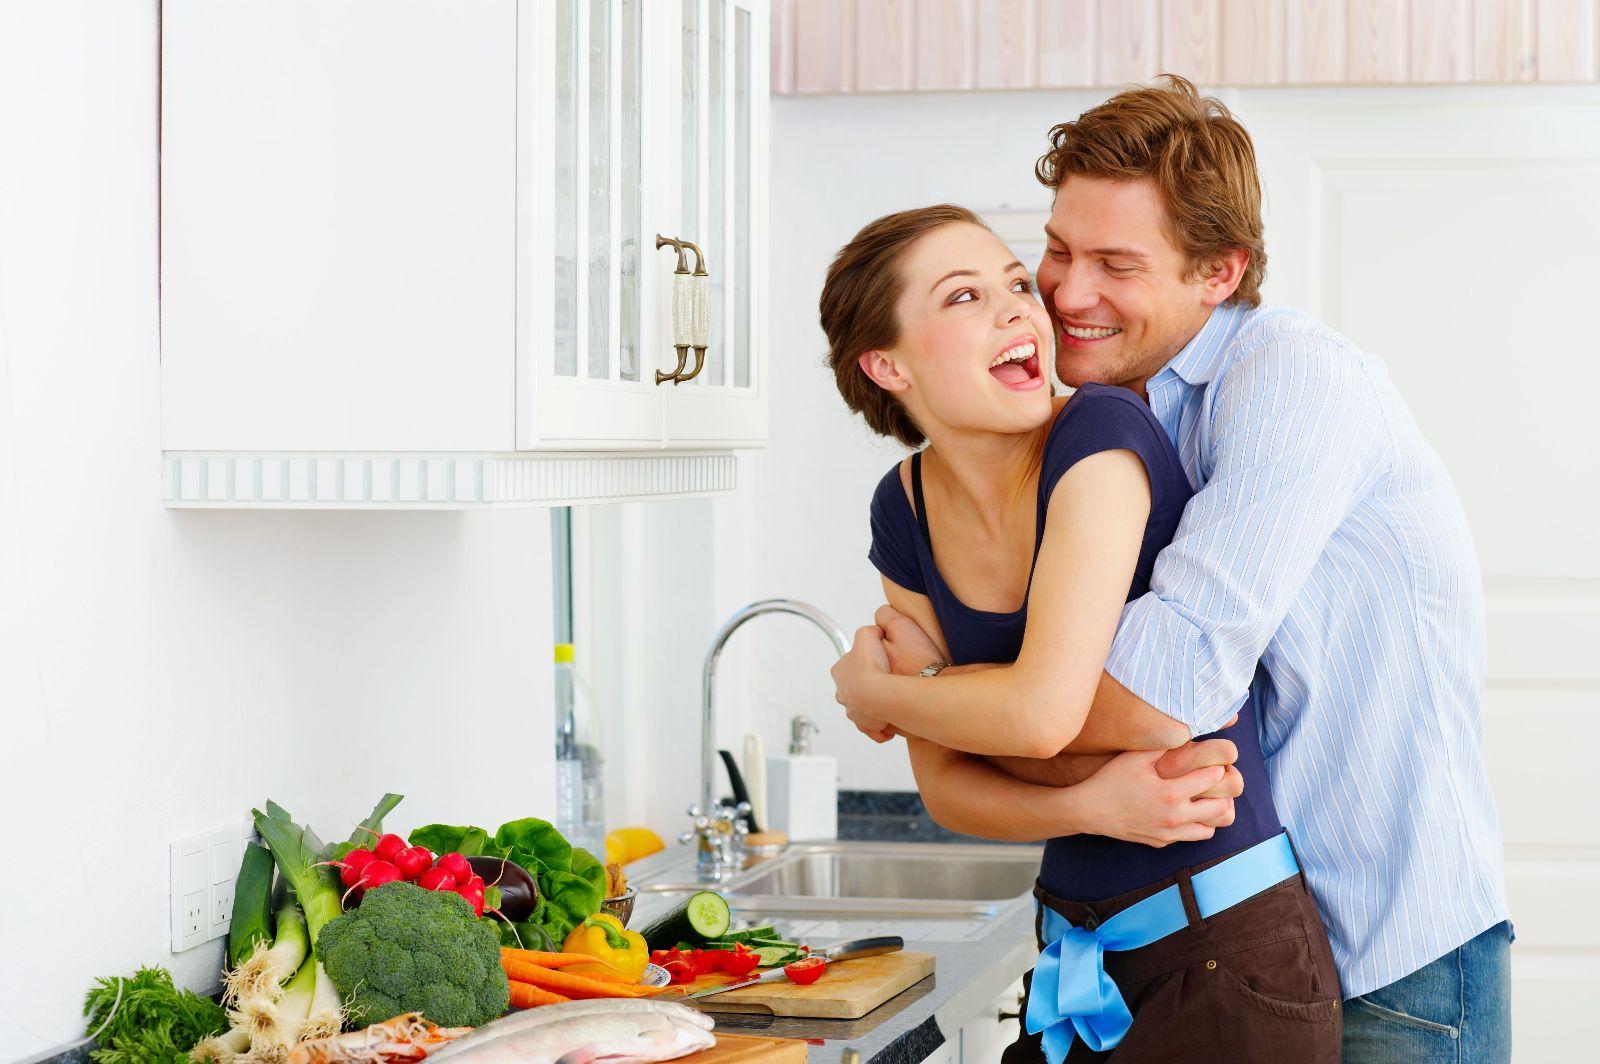 Muốn biết chàng yêu vợ thật lòng hay không, chỉ cần nhìn những điểm này - Ảnh 1.